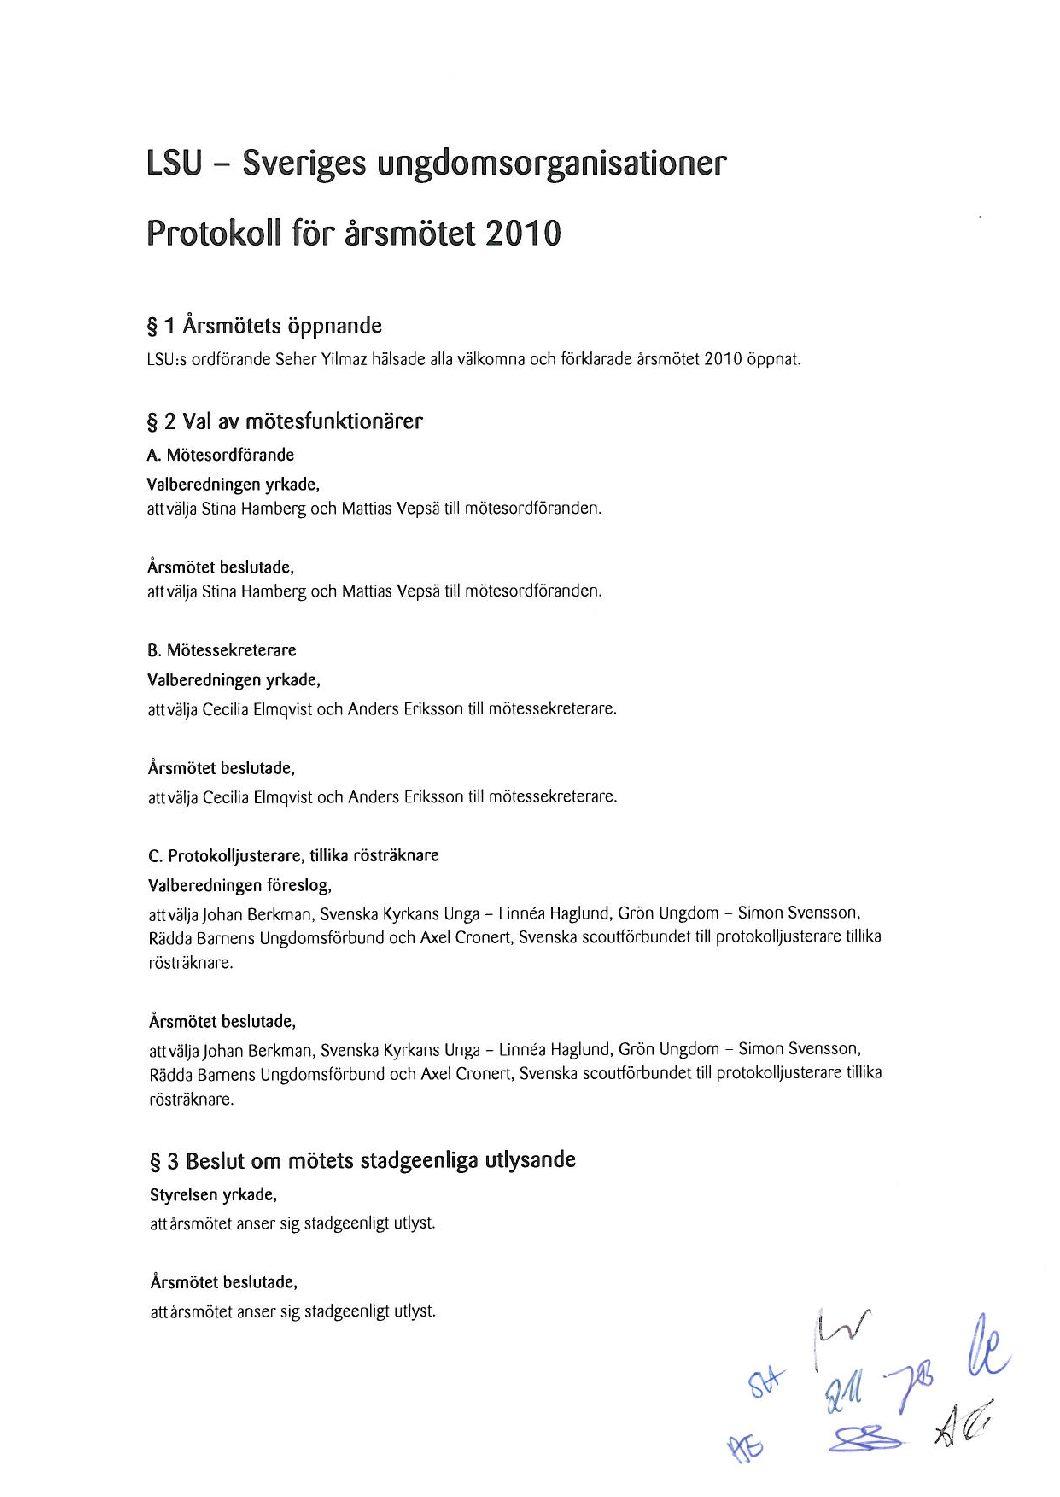 Protokoll för årsmötet 2010 undertecknat